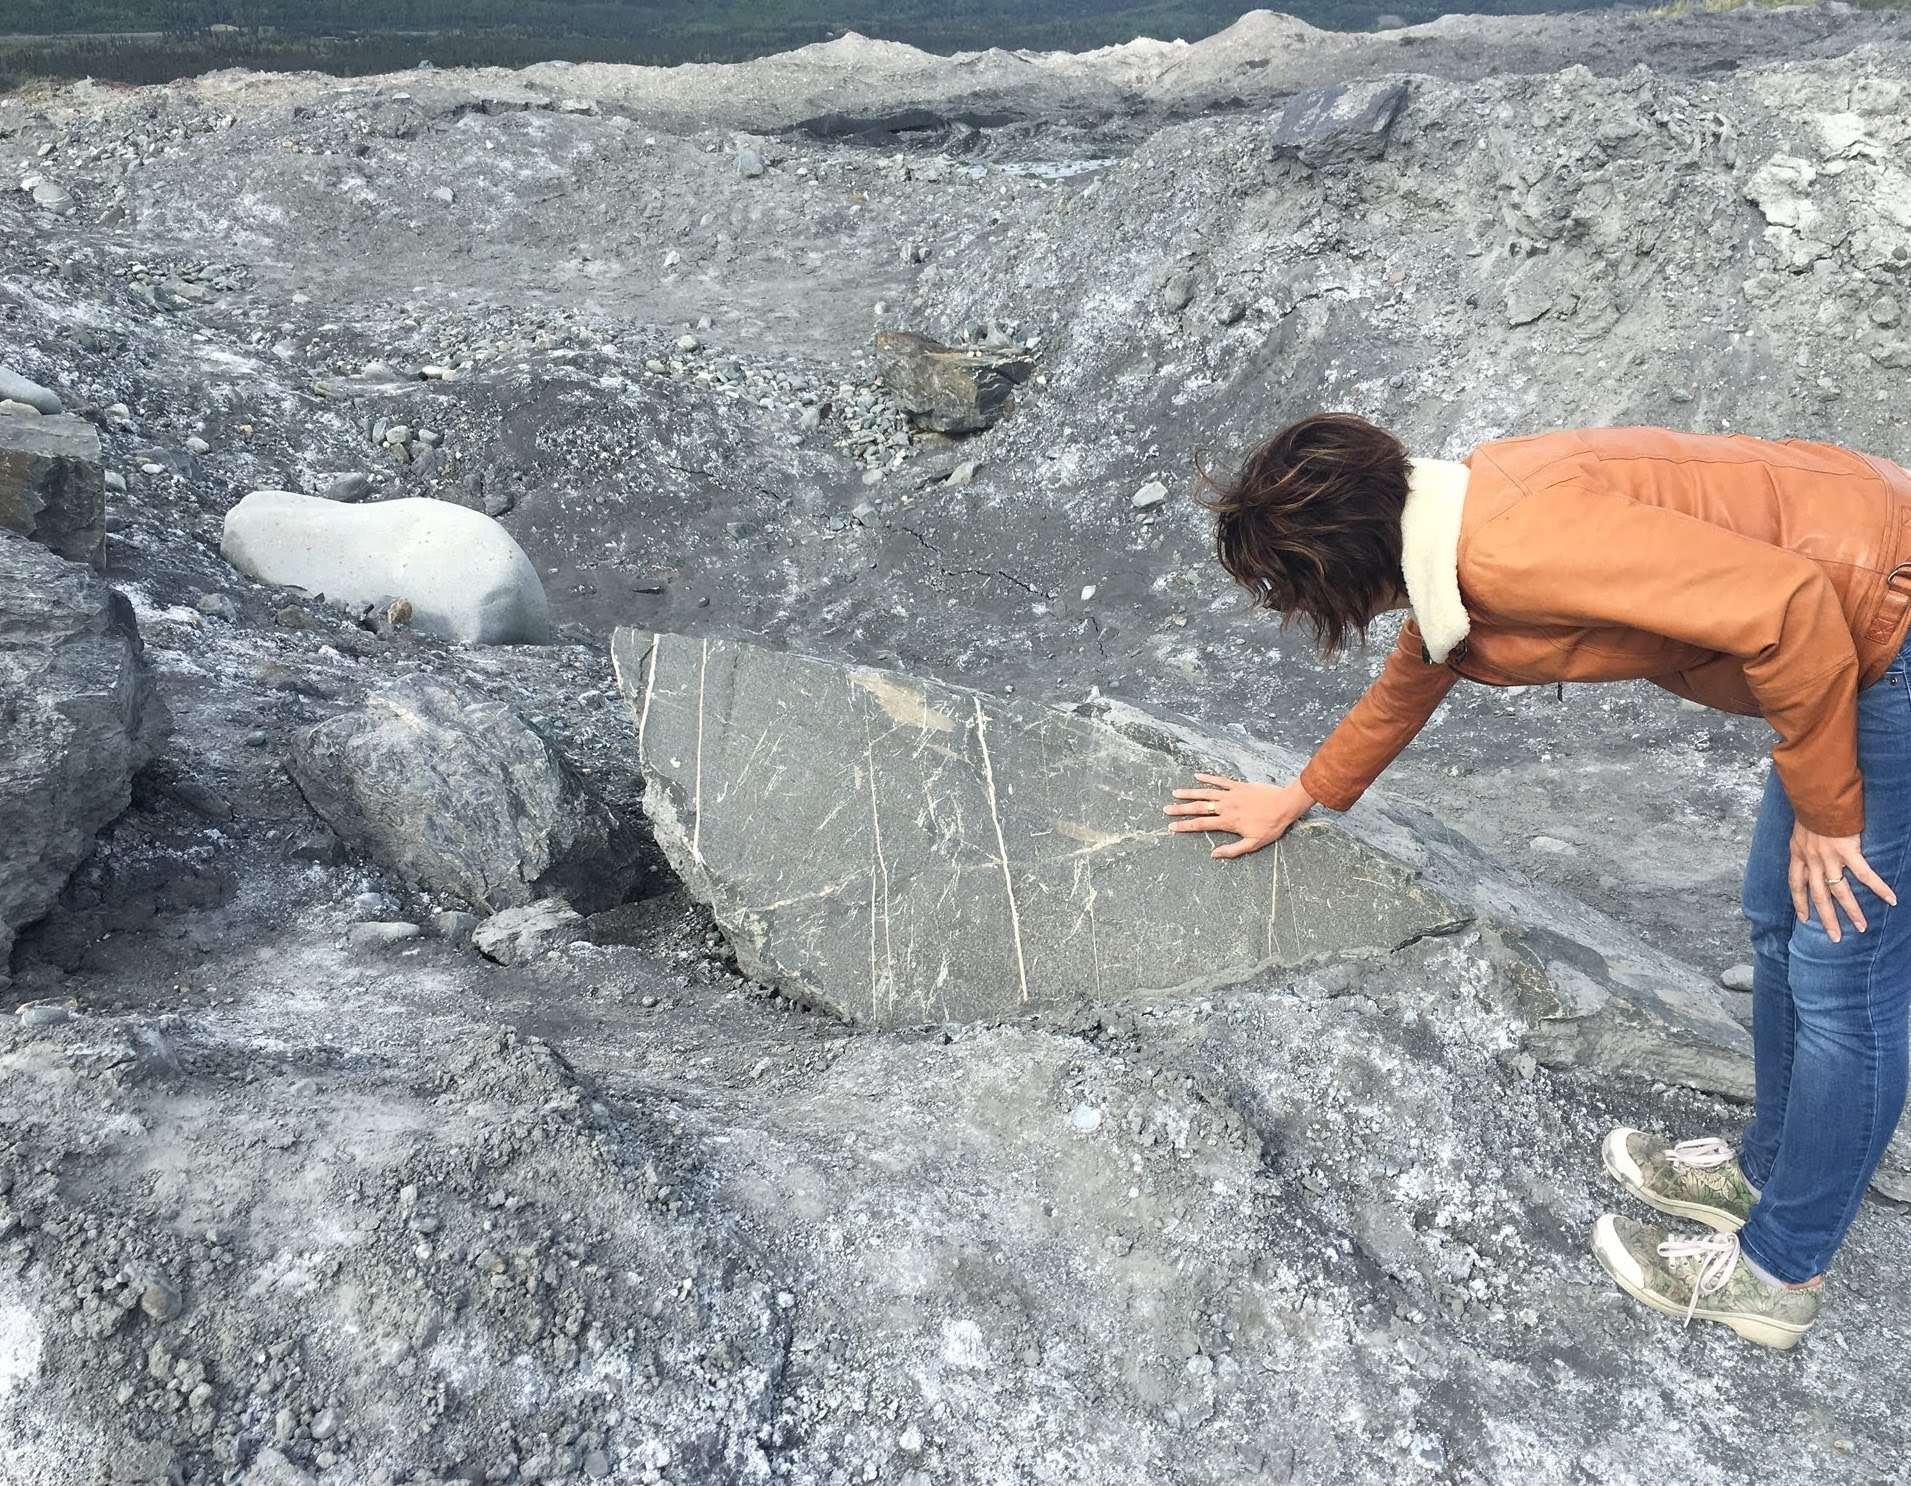 MT in Alaska, examining some rocks